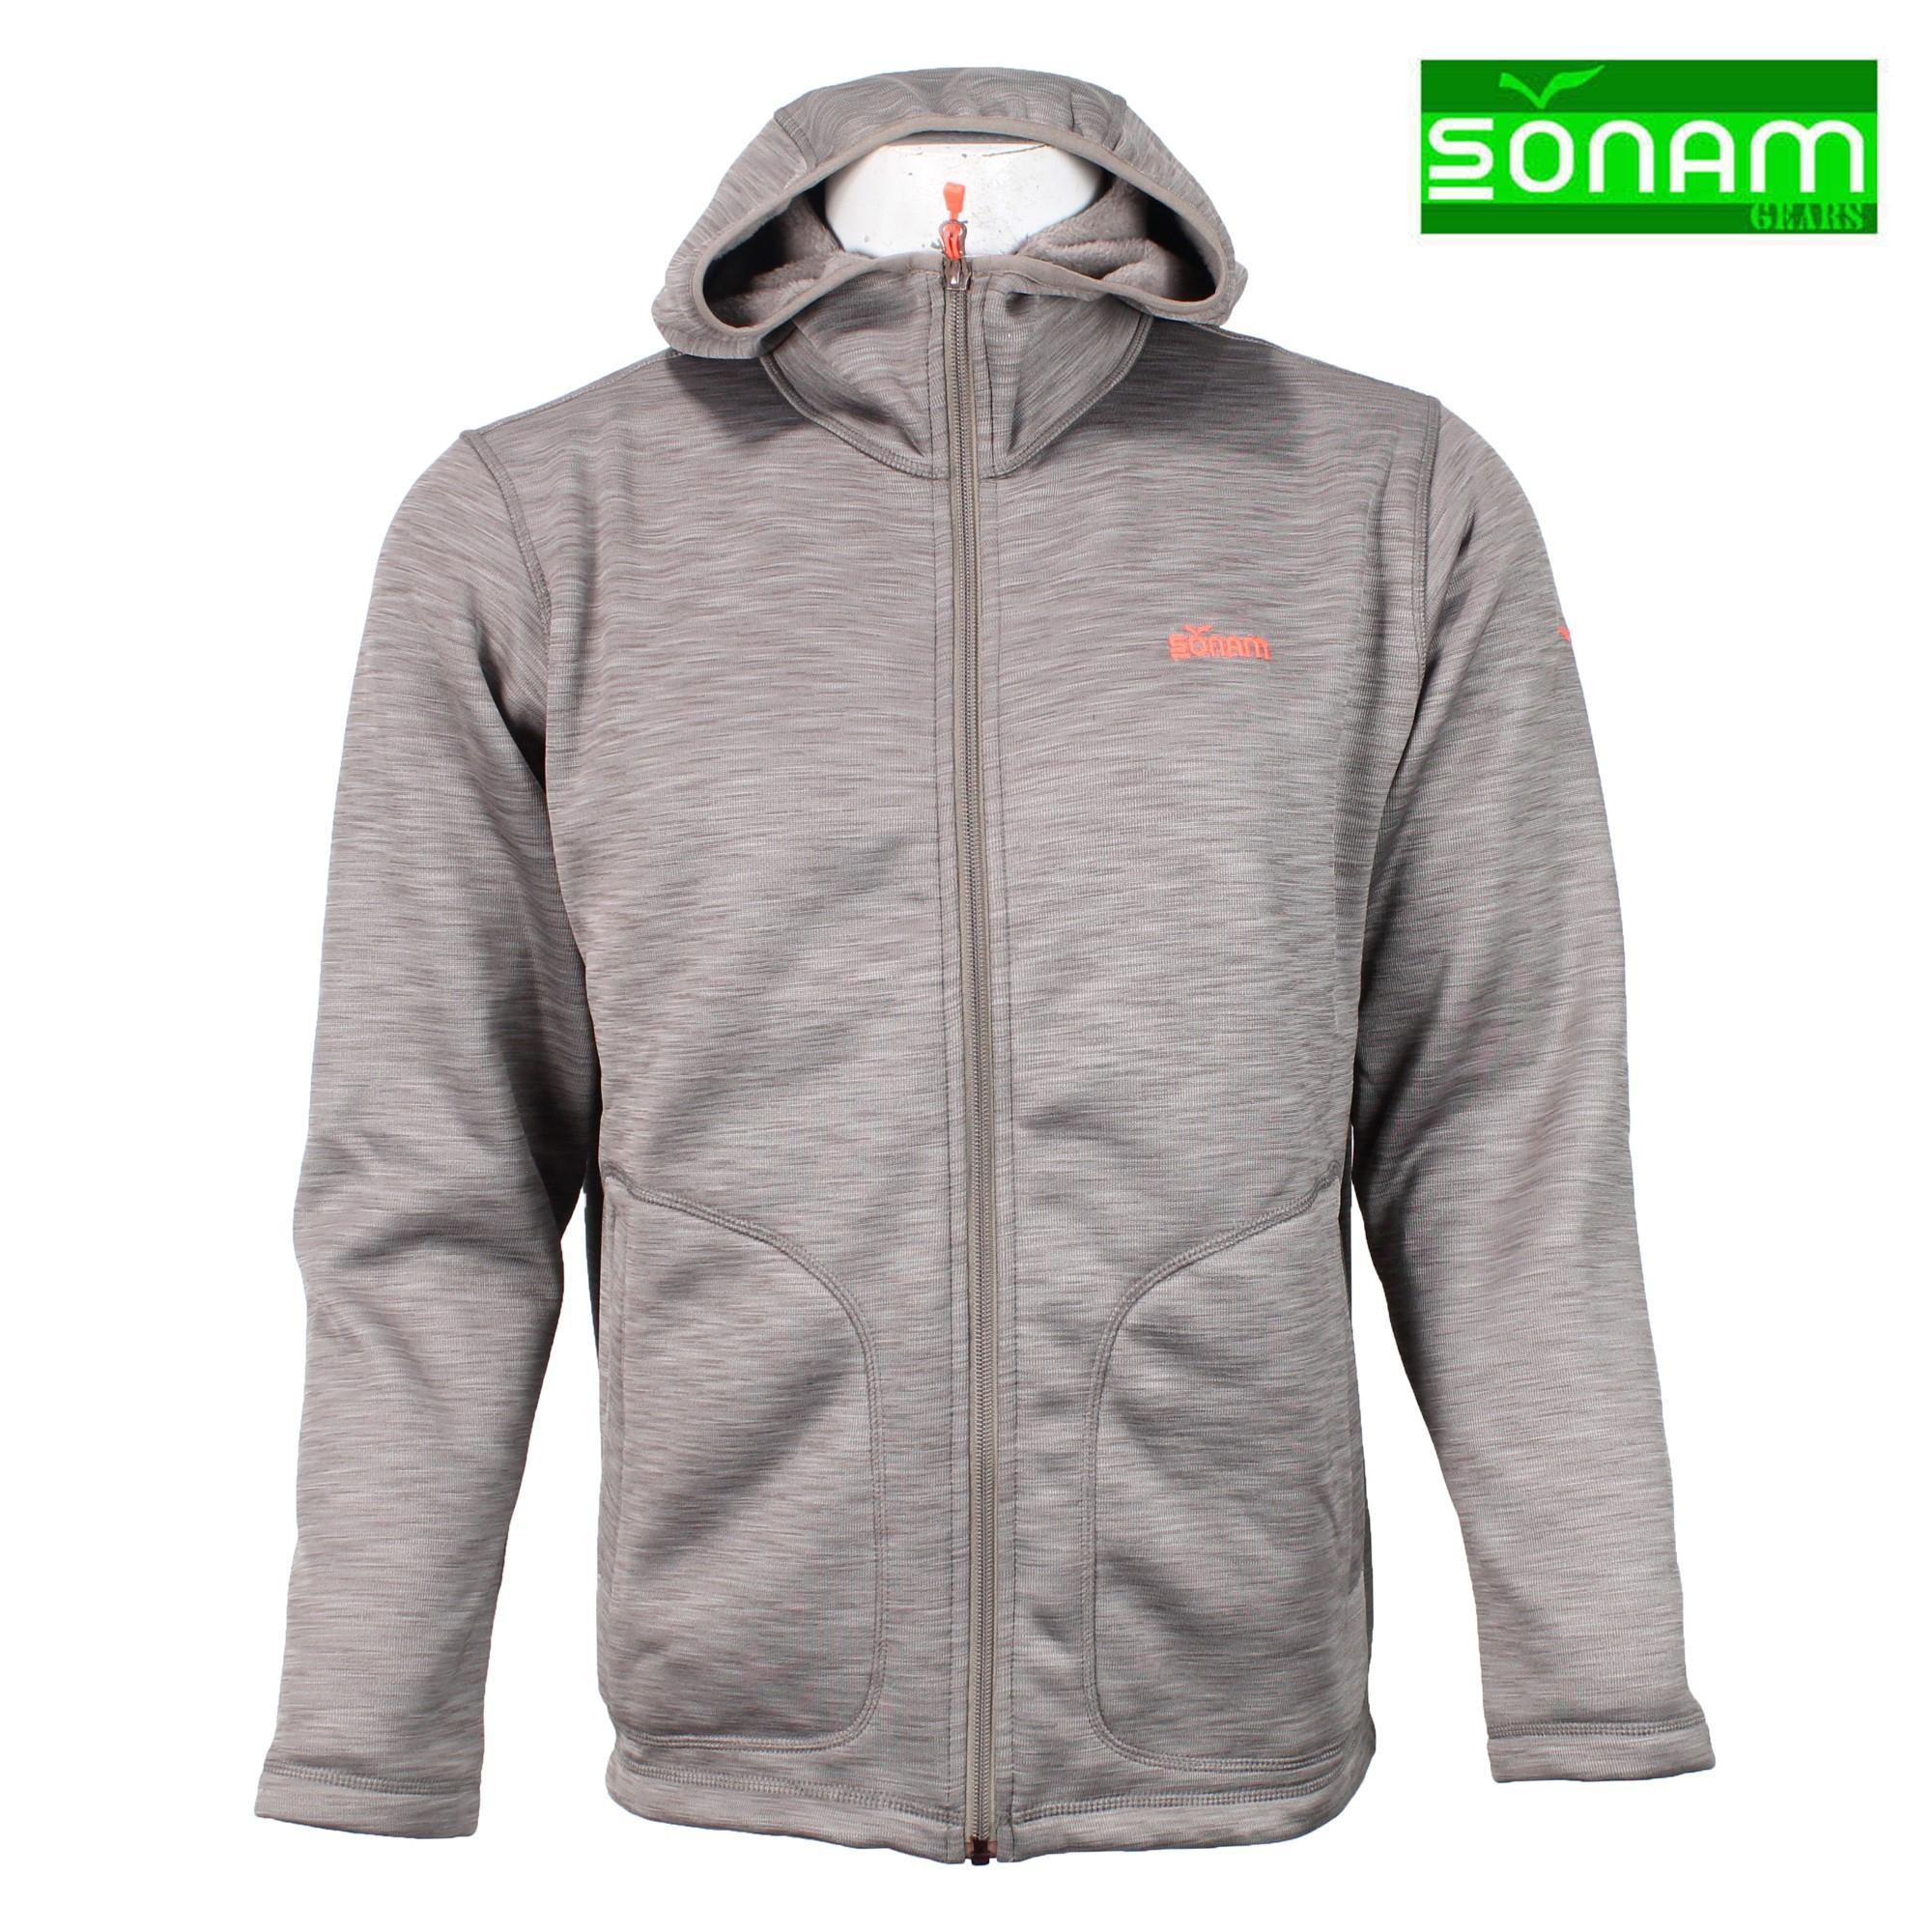 a5bd5c081 Buy Sonam Gears Hoodies & Sweatshirts at Best Prices Online in Nepal ...